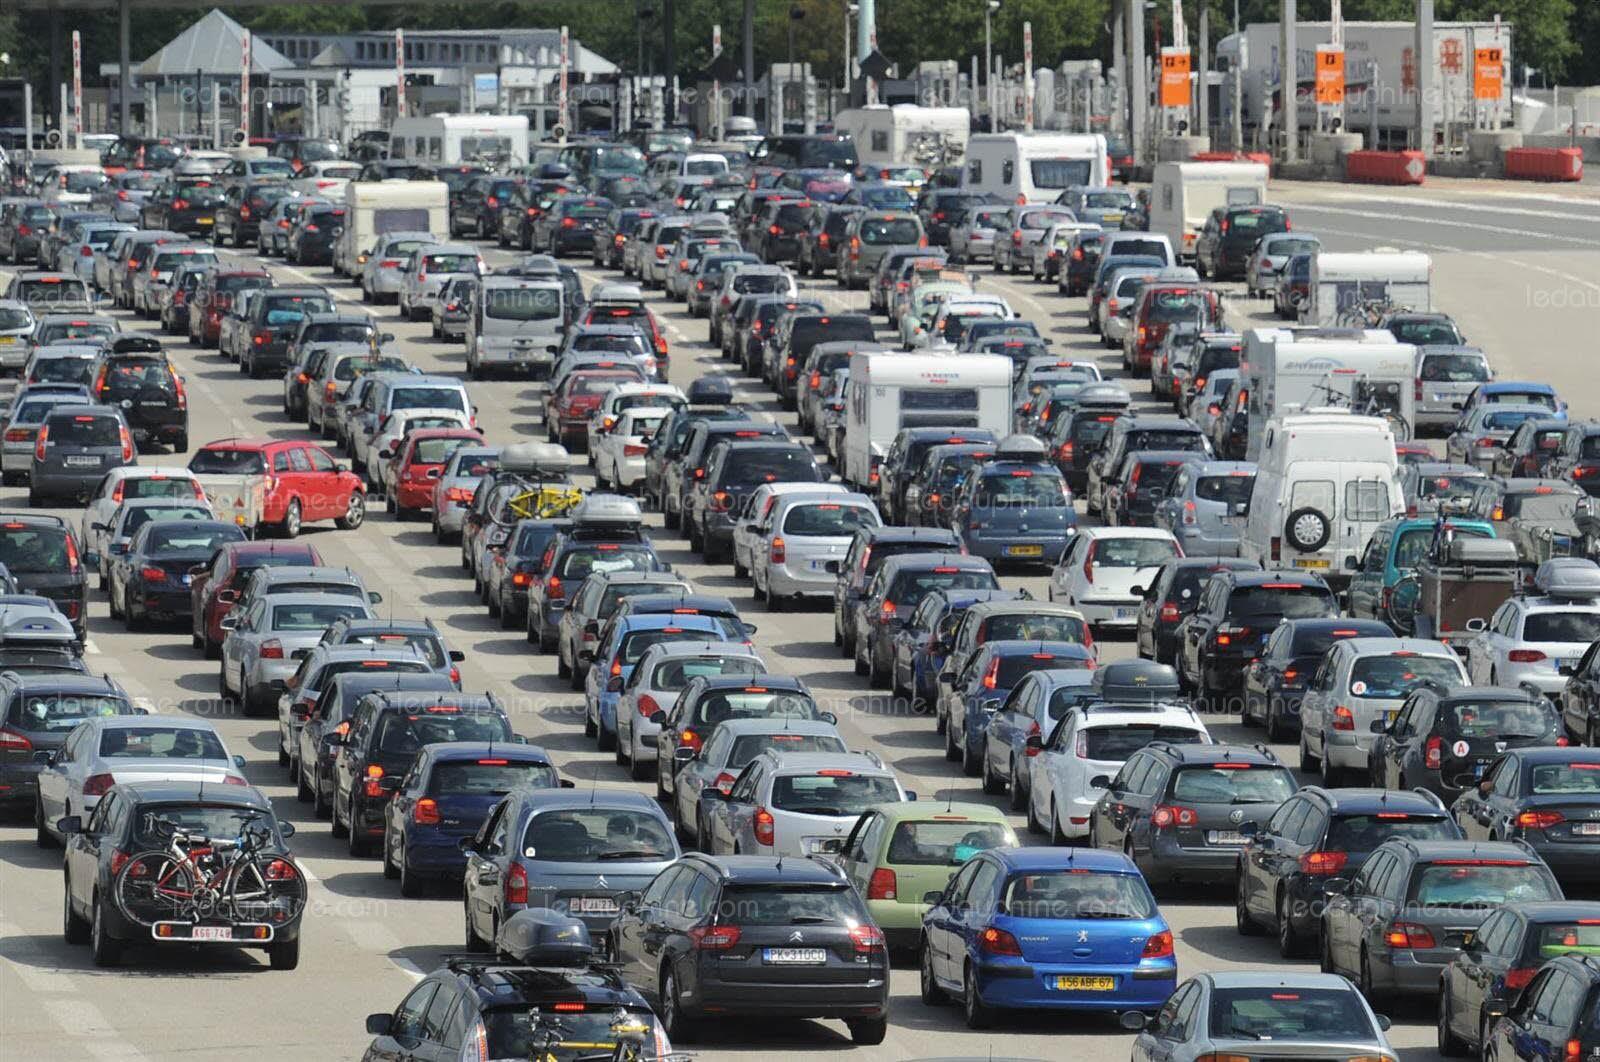 Des députés veulent imposer une taxe sur les embouteillages